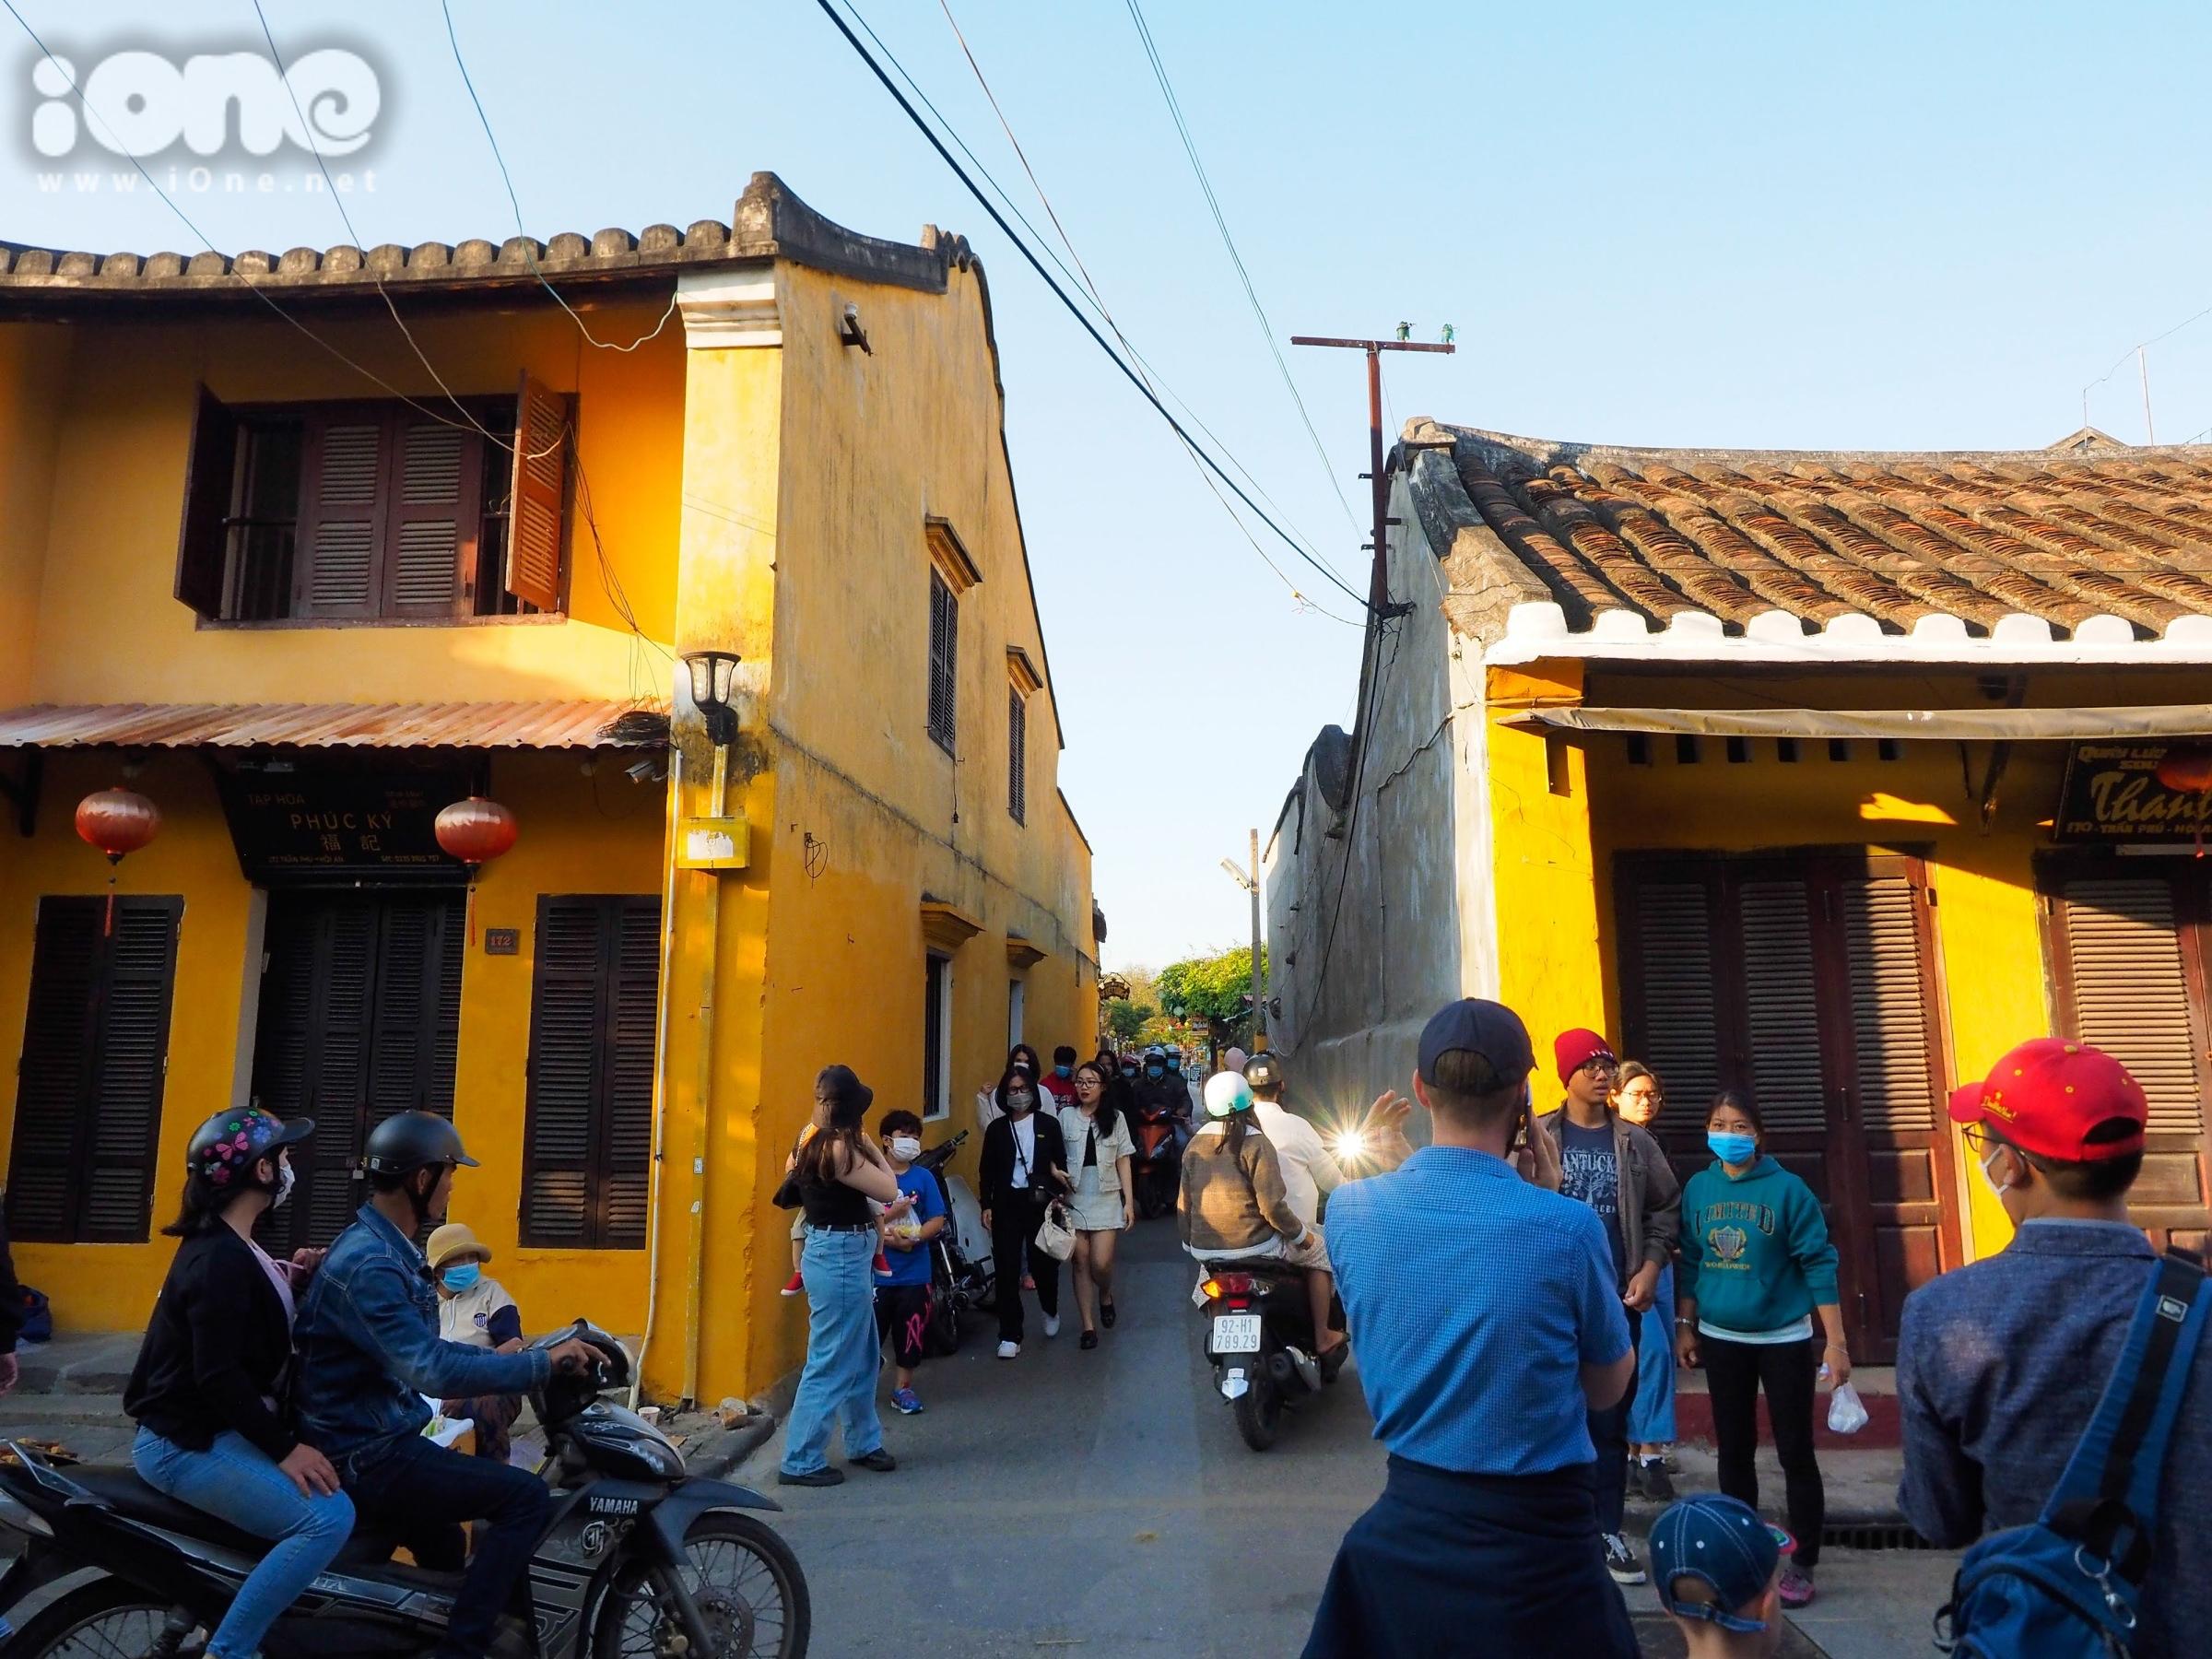 Nguyễn Thành, 24 tuổi, thợ chụp ảnh ngoại cảnh ở Hội An chia sẻ: Ở Hội An chưa có trường hợp lây nhiễm nên việc đi lại, làm việc của mình chưa bị ảnh hưởng nhiều. Để bảo vệ bản thân, mình thường xuyên đeo khẩu trang khi chụp ảnh cho khách hàng.